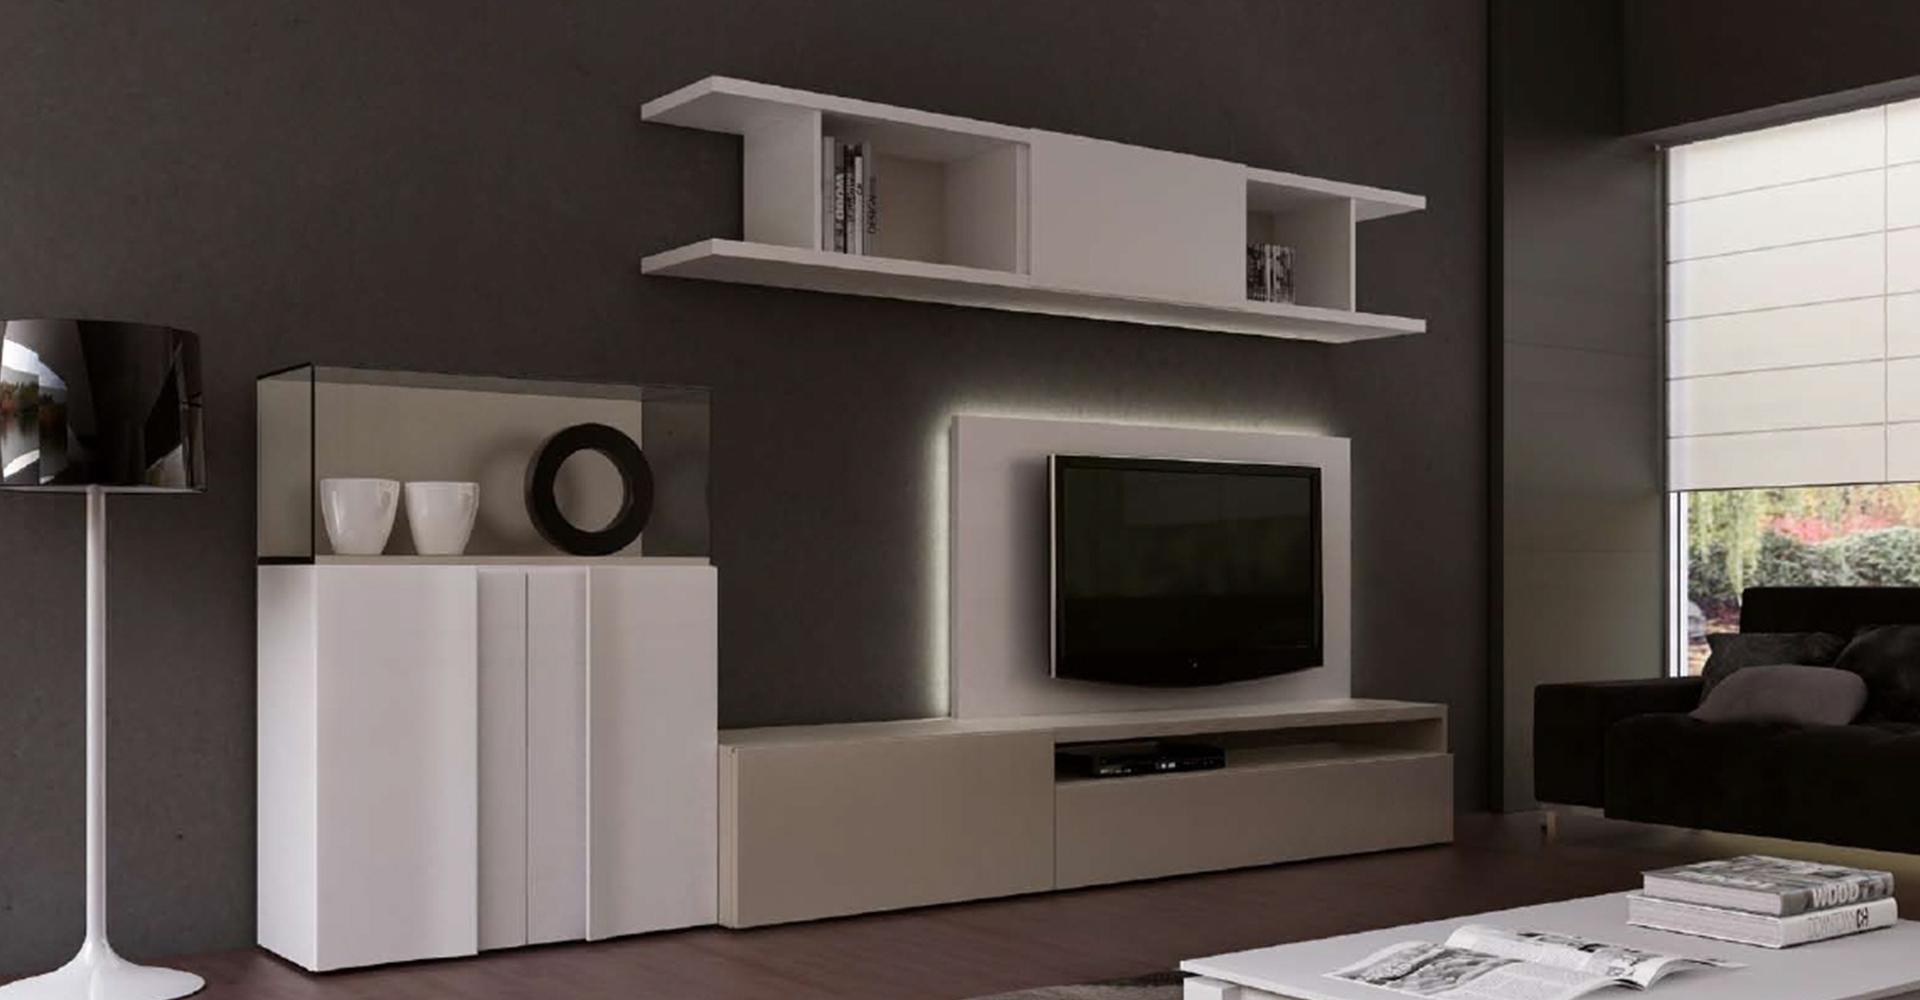 modulares de salon de estilo moderno (10)